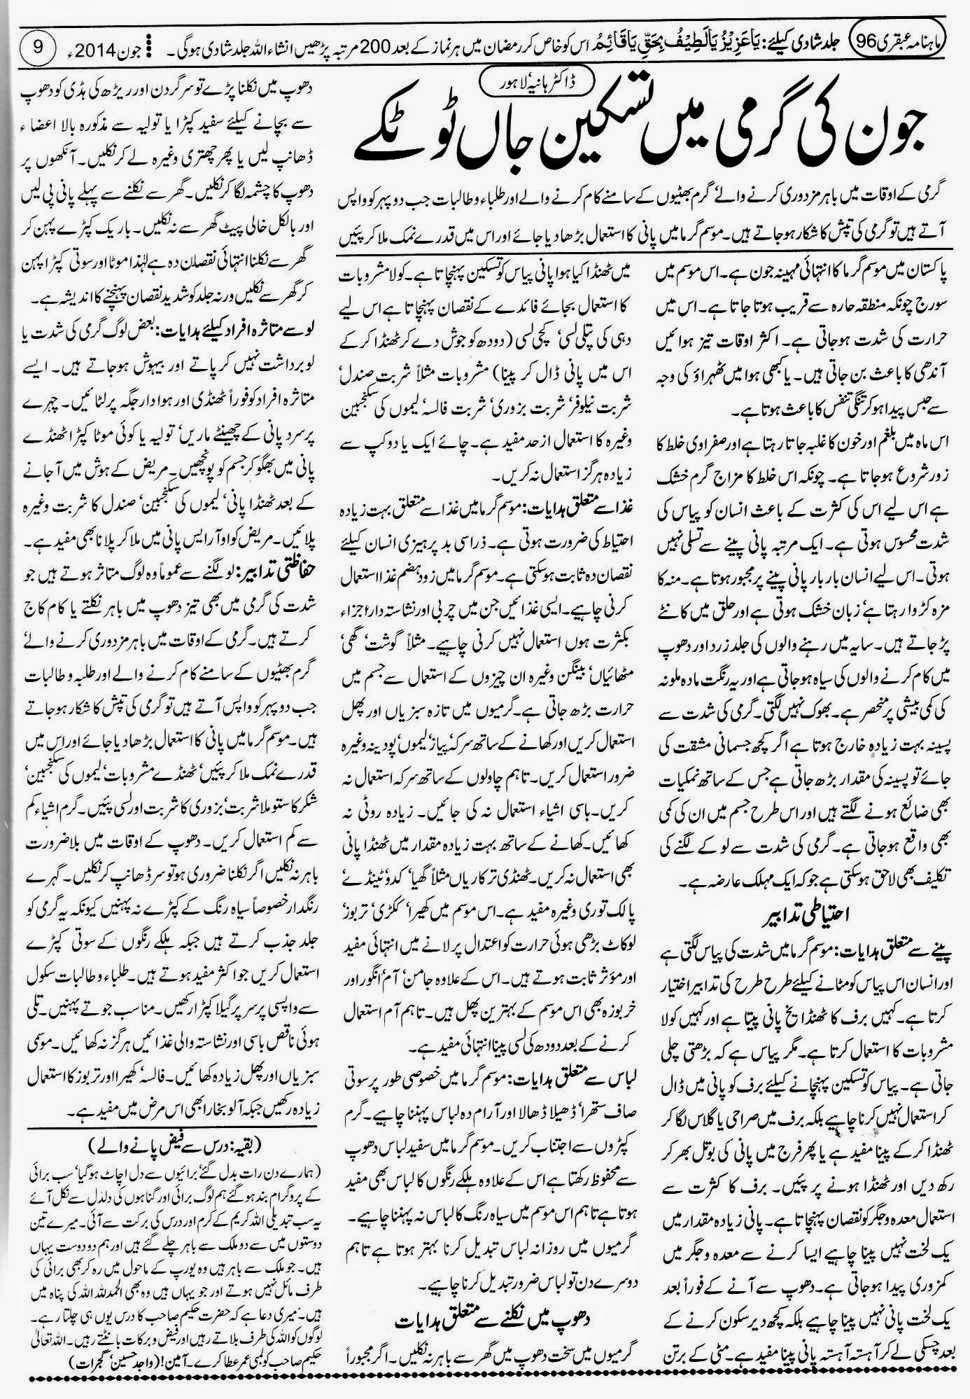 ubqari june 2014 page 9